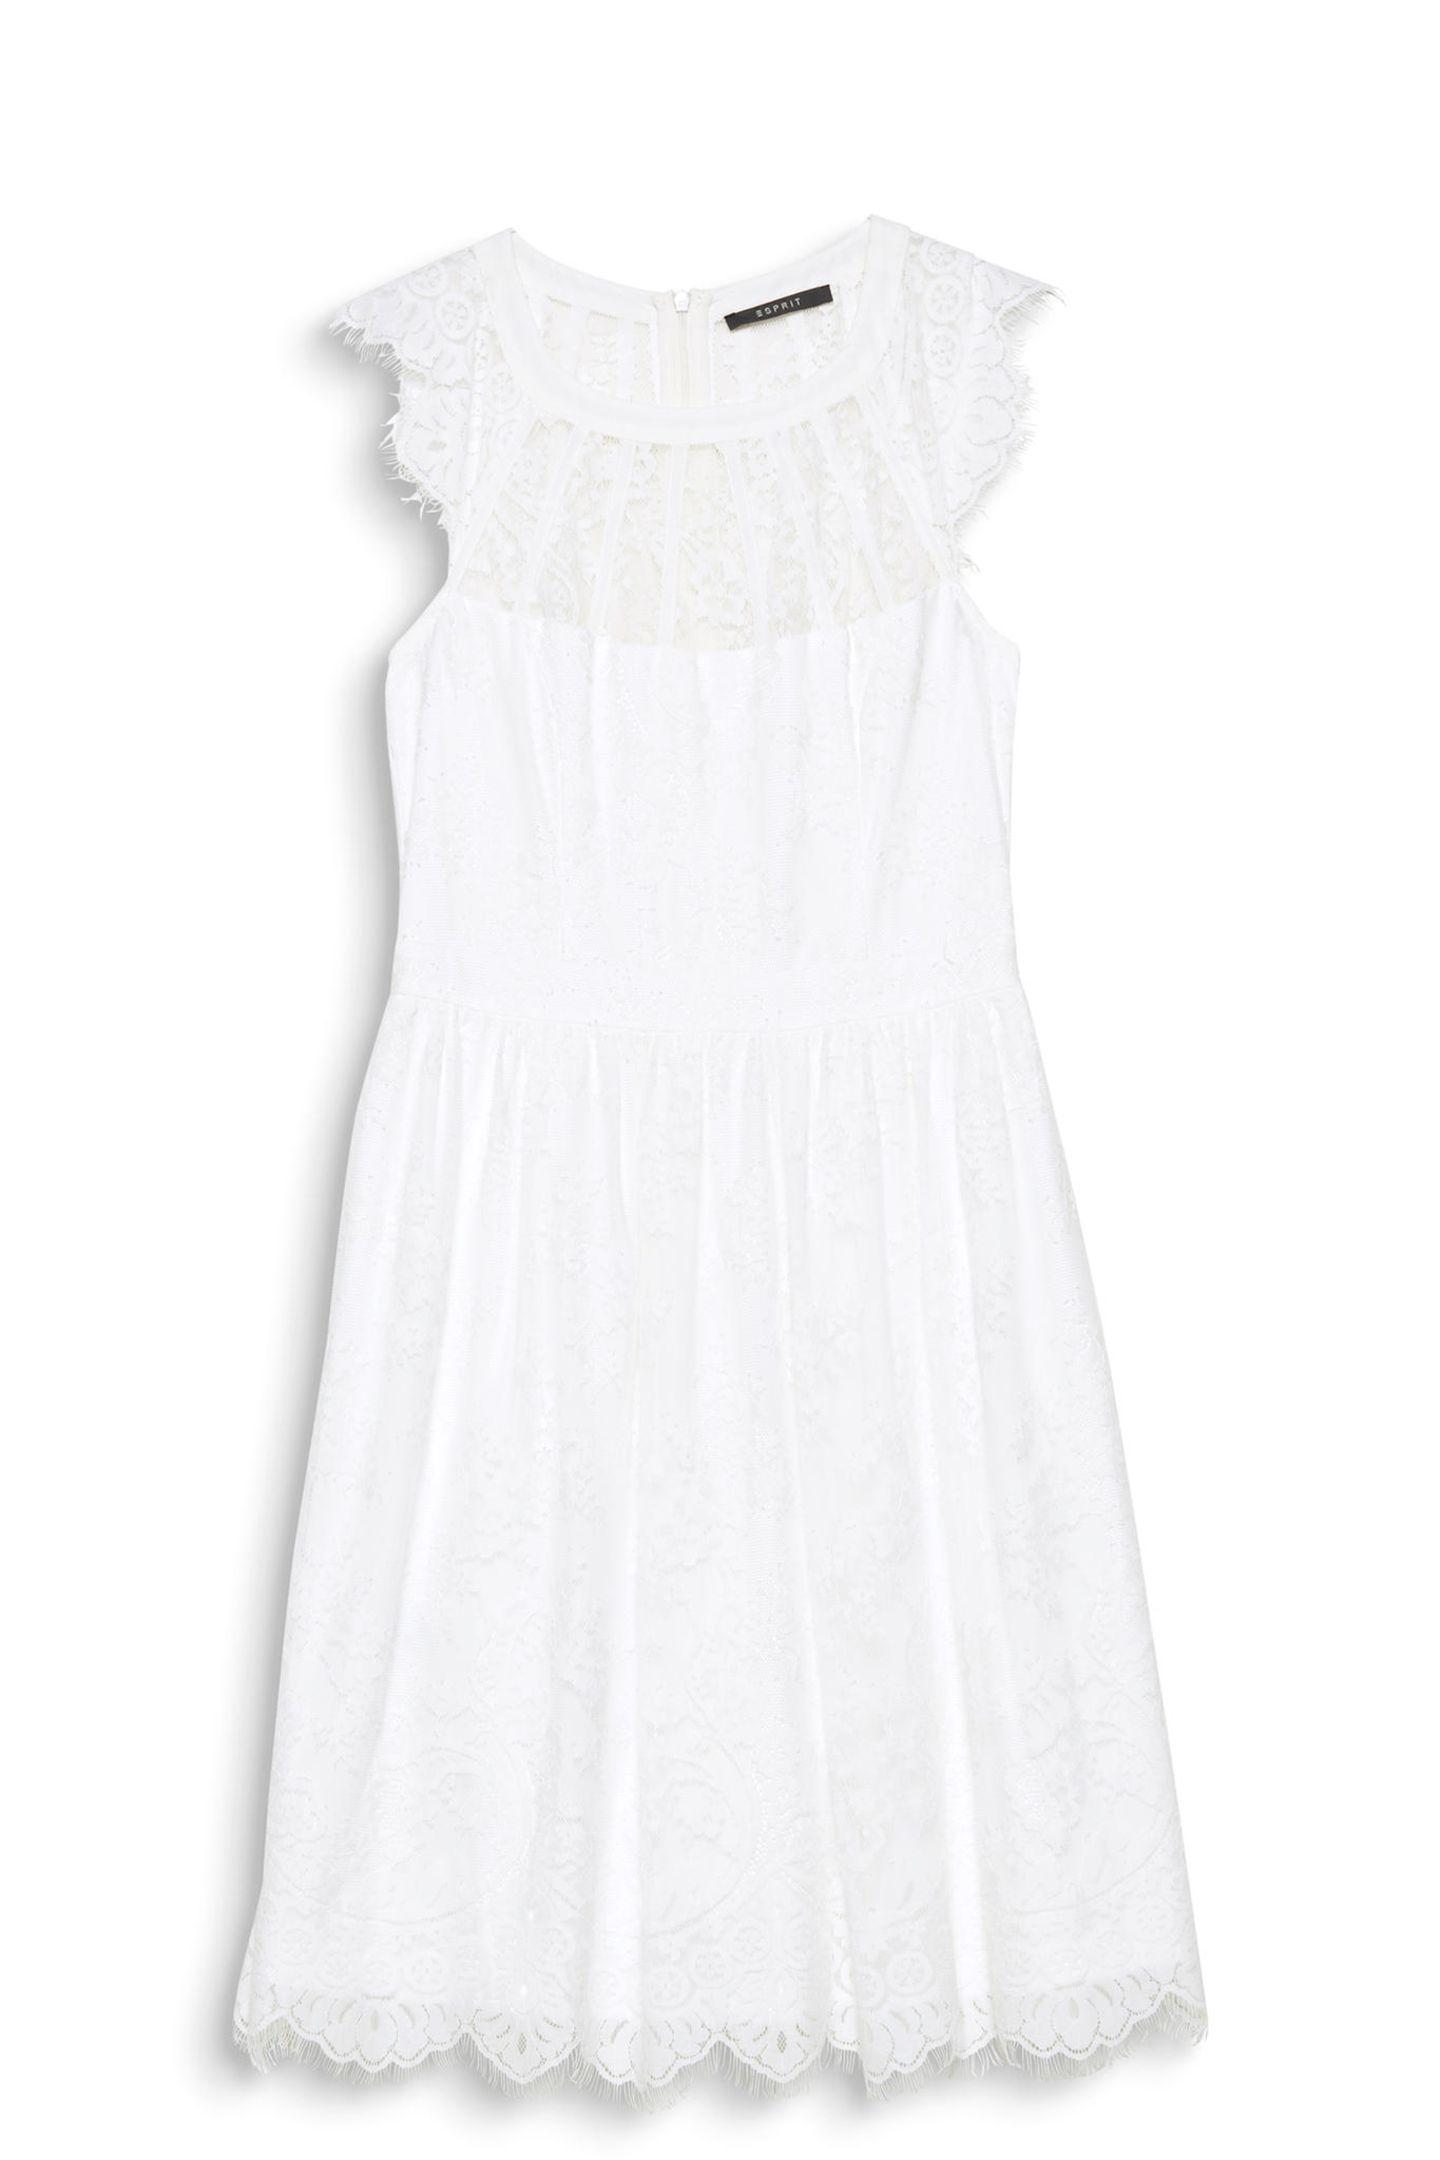 Kurzes Brautkleid von Esprit